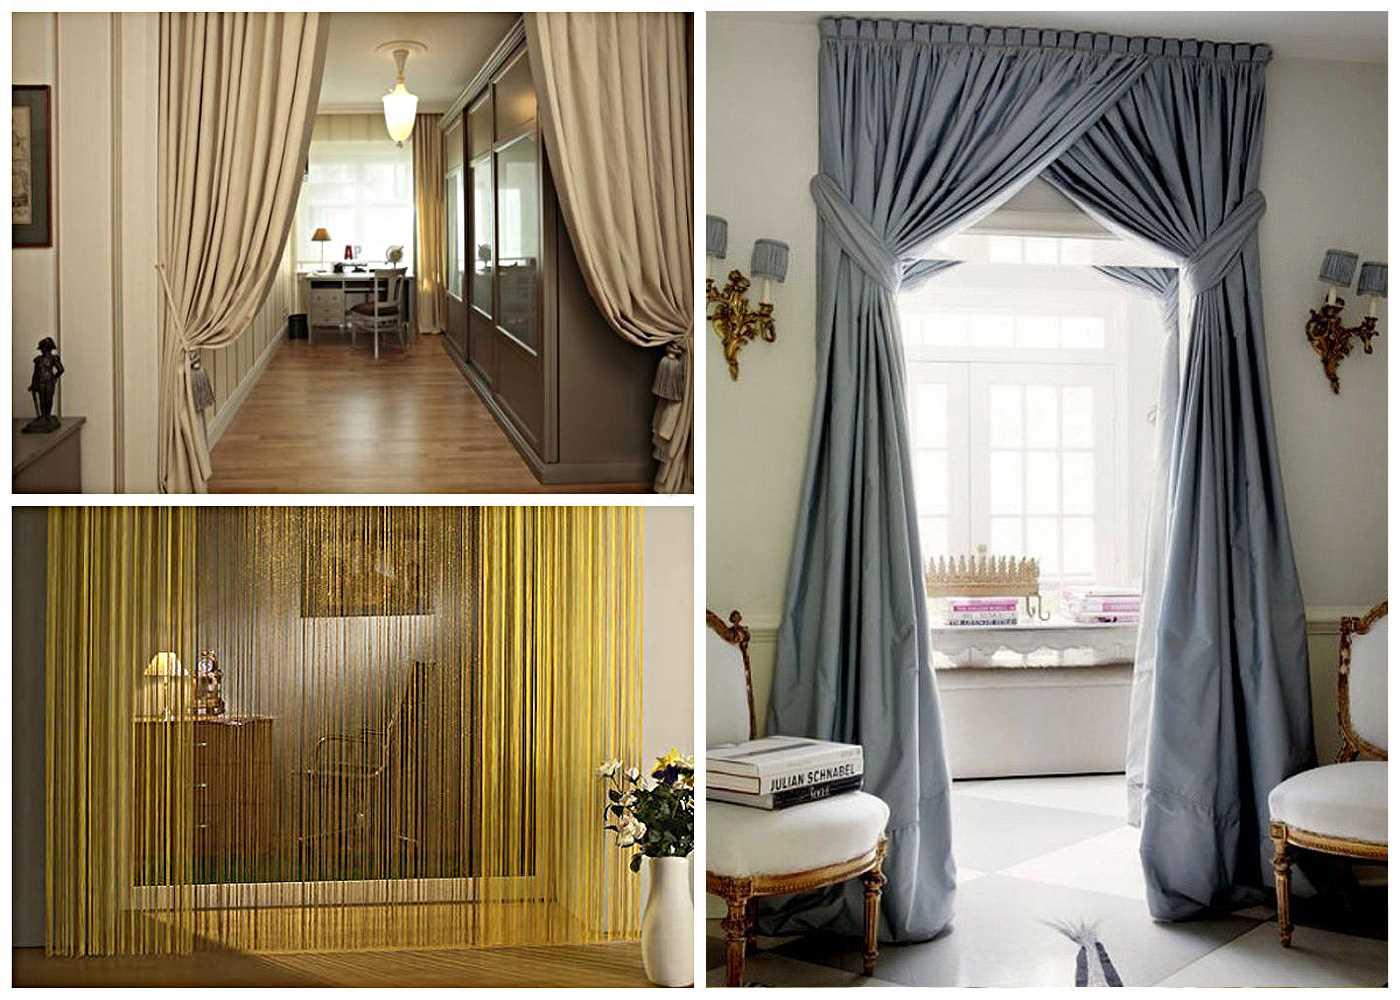 Как оформить дверной проем без двери шторами: фото занавесок вместо дверей в интерьере